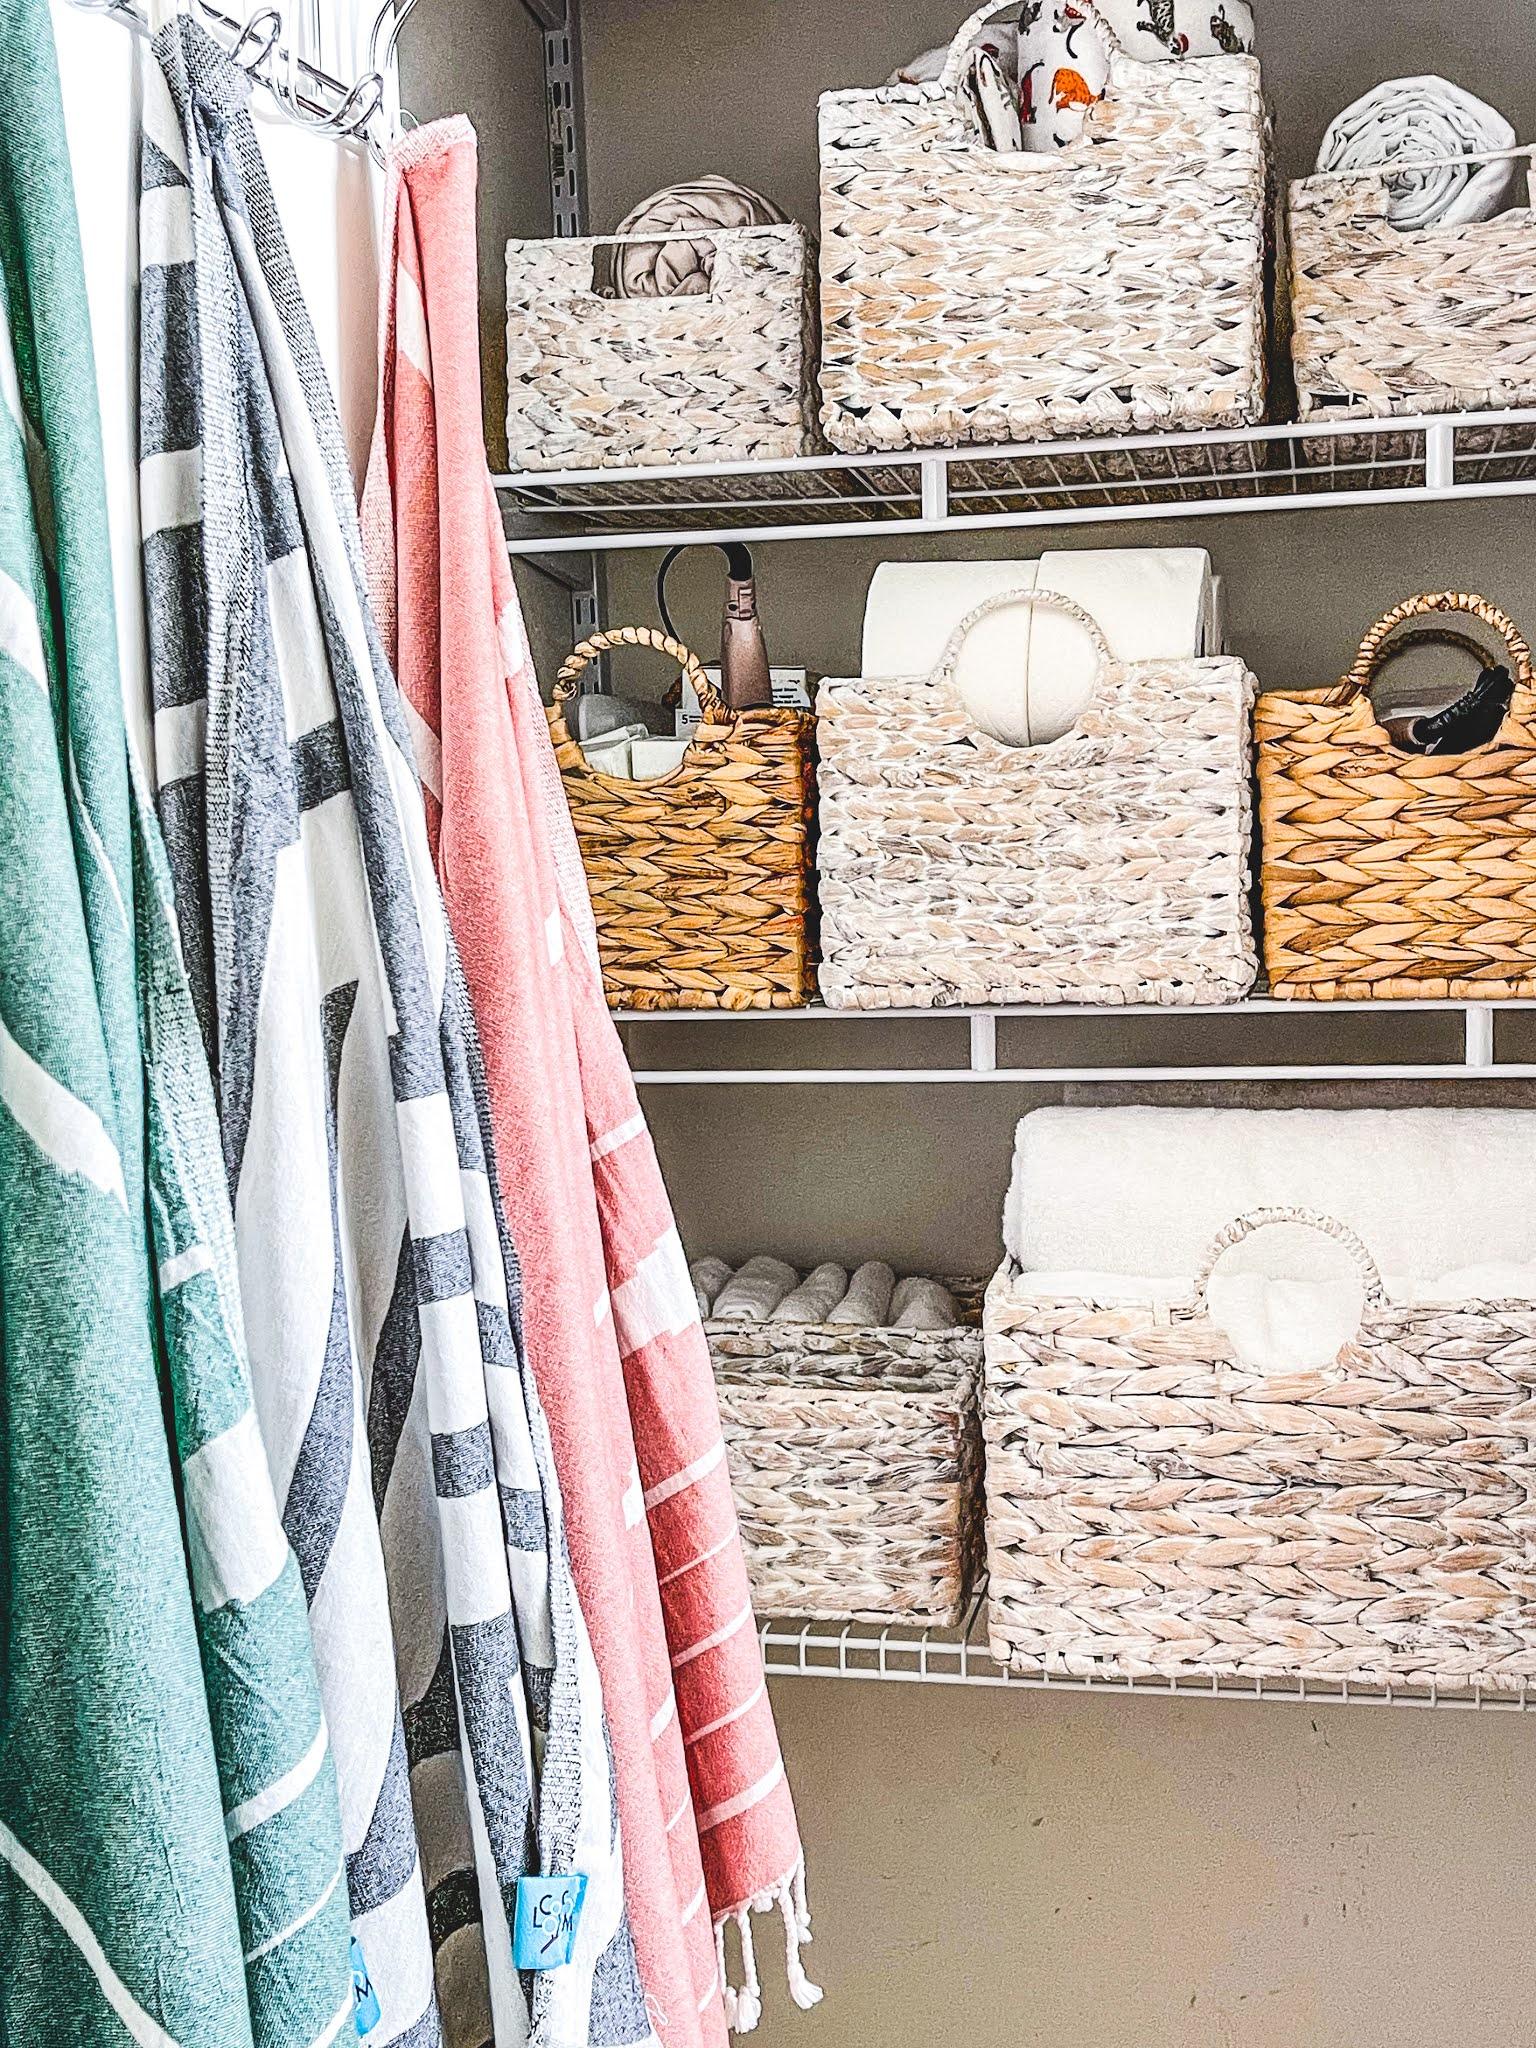 Bathroom Closet Organization Makeover on a Budget